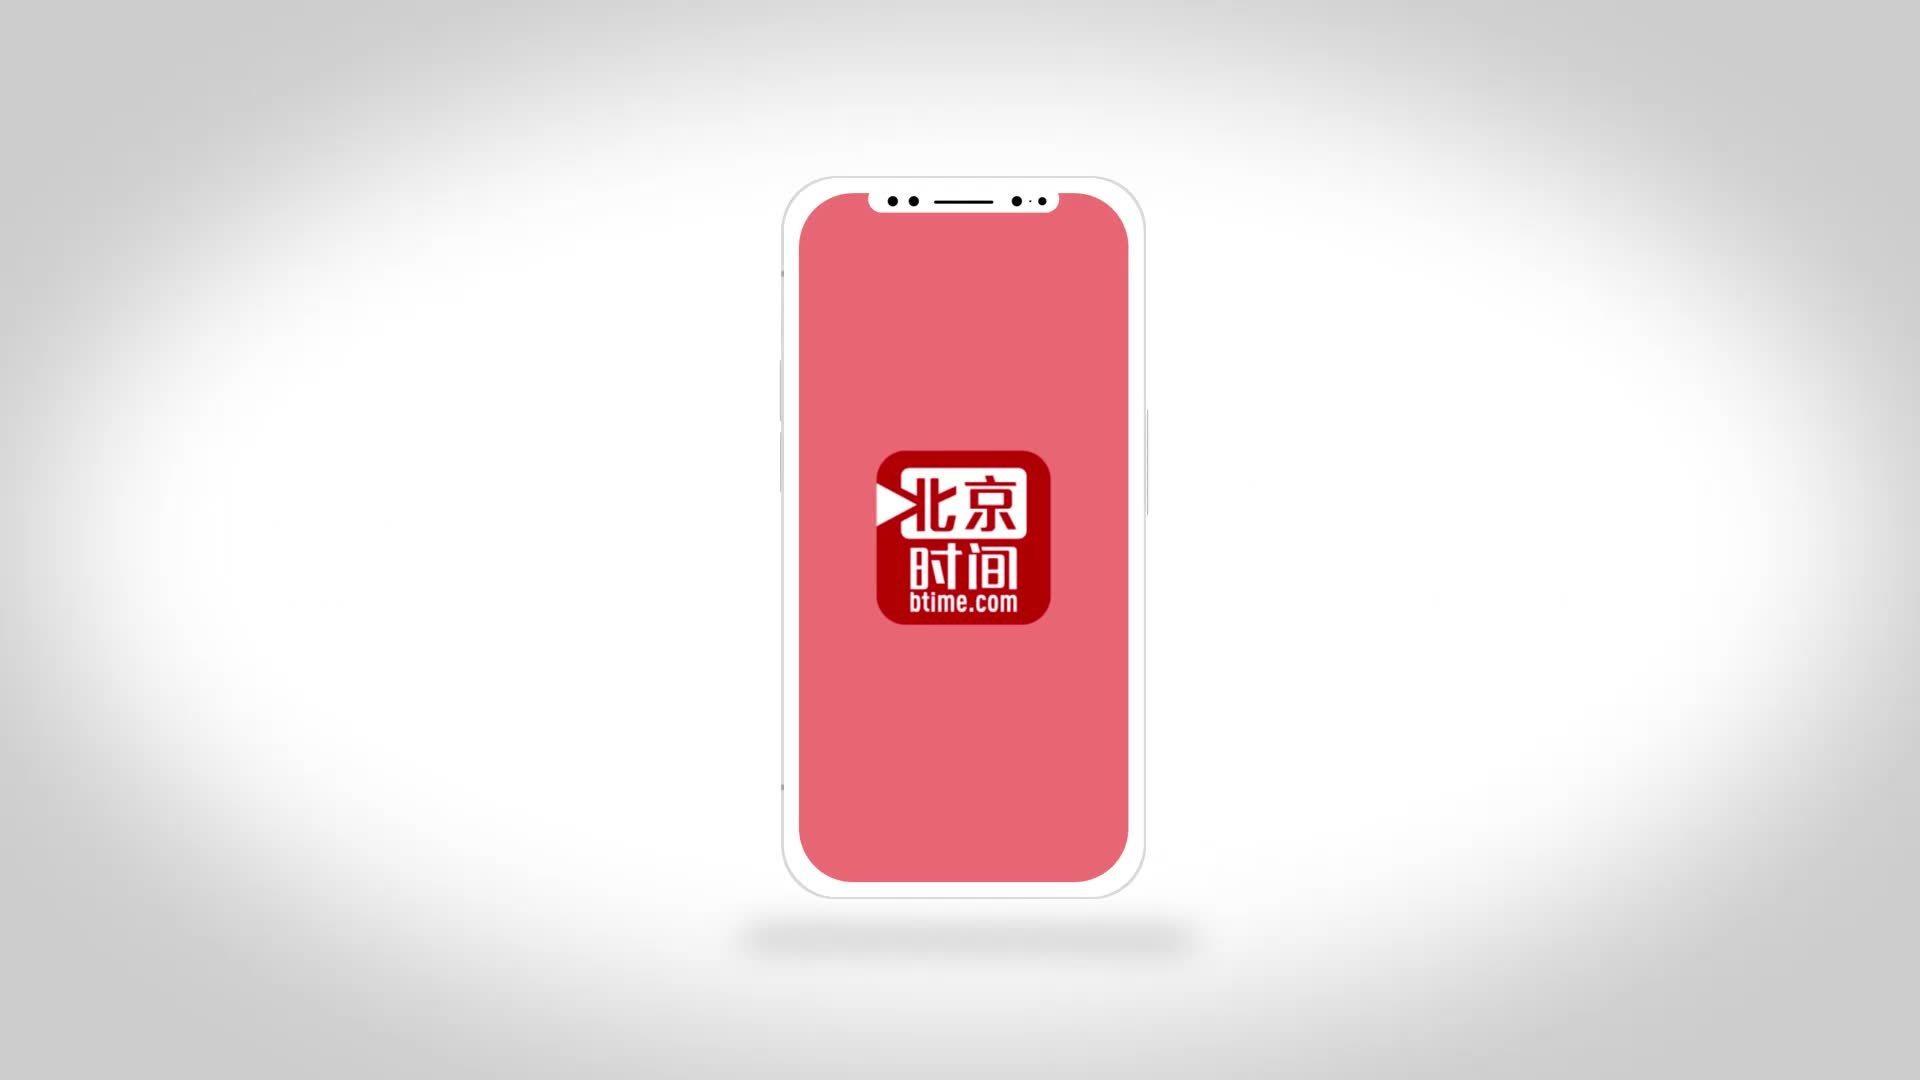 2月智能手机市场三星第一苹果第二 小米出货量超过华为进前三